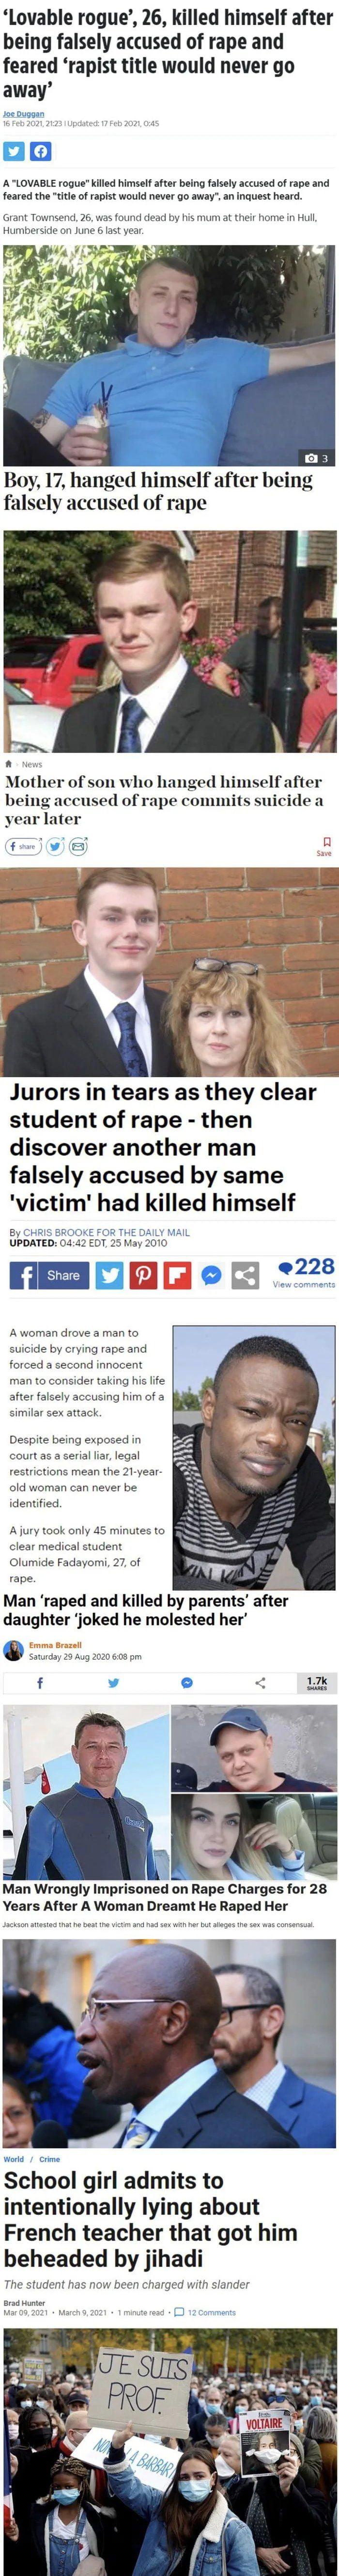 Believe ALL WOMEN